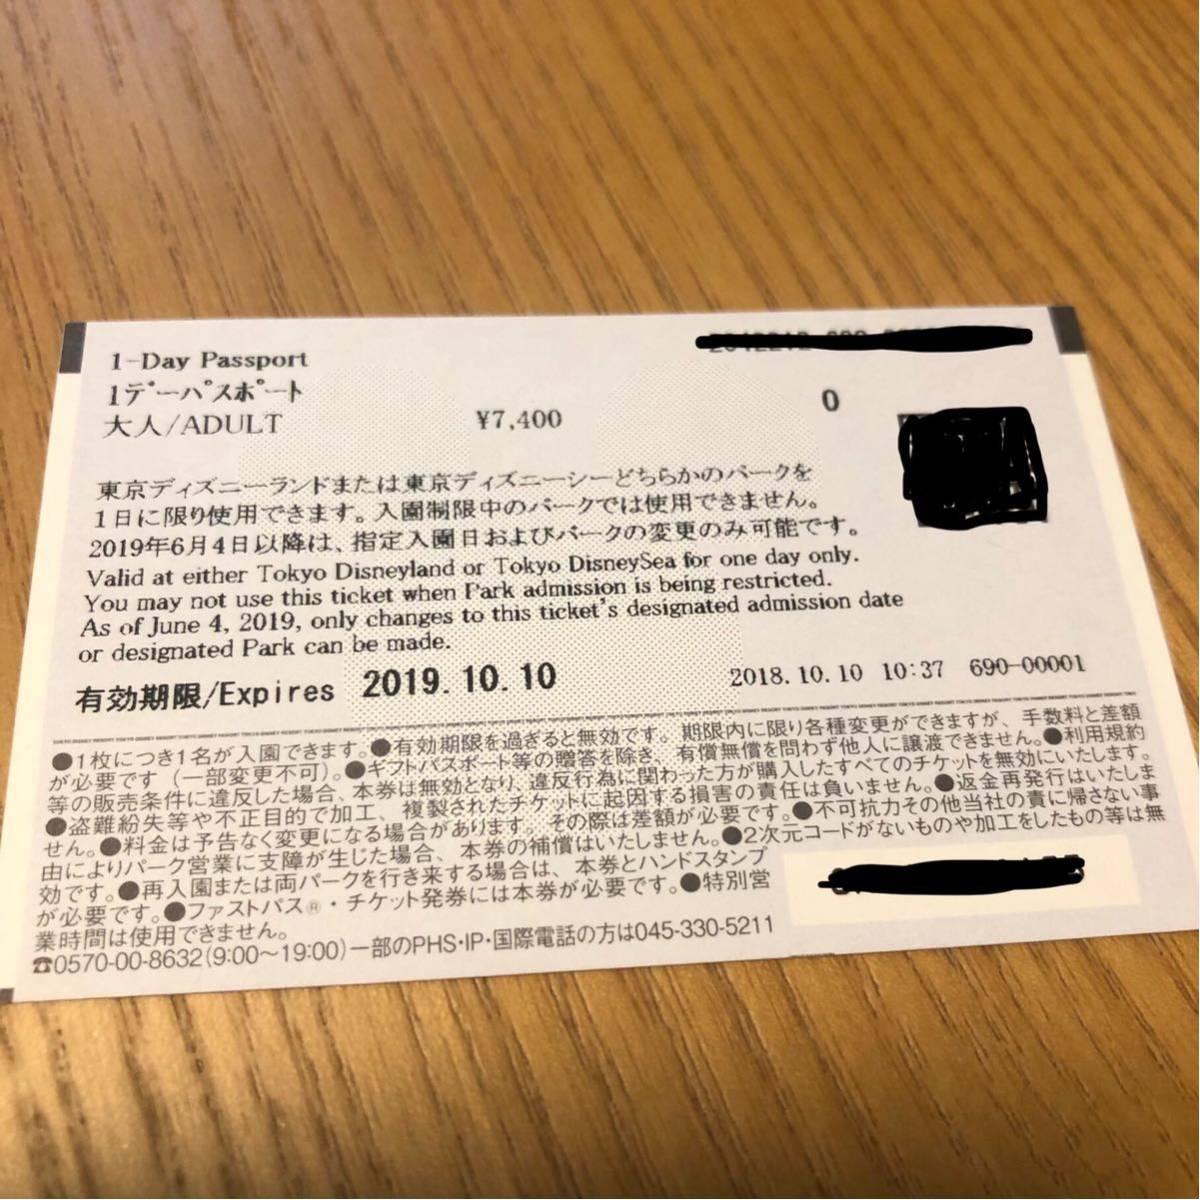 送料無料 ディズニー リゾート ペア チケット 1DAY パスポート_画像3